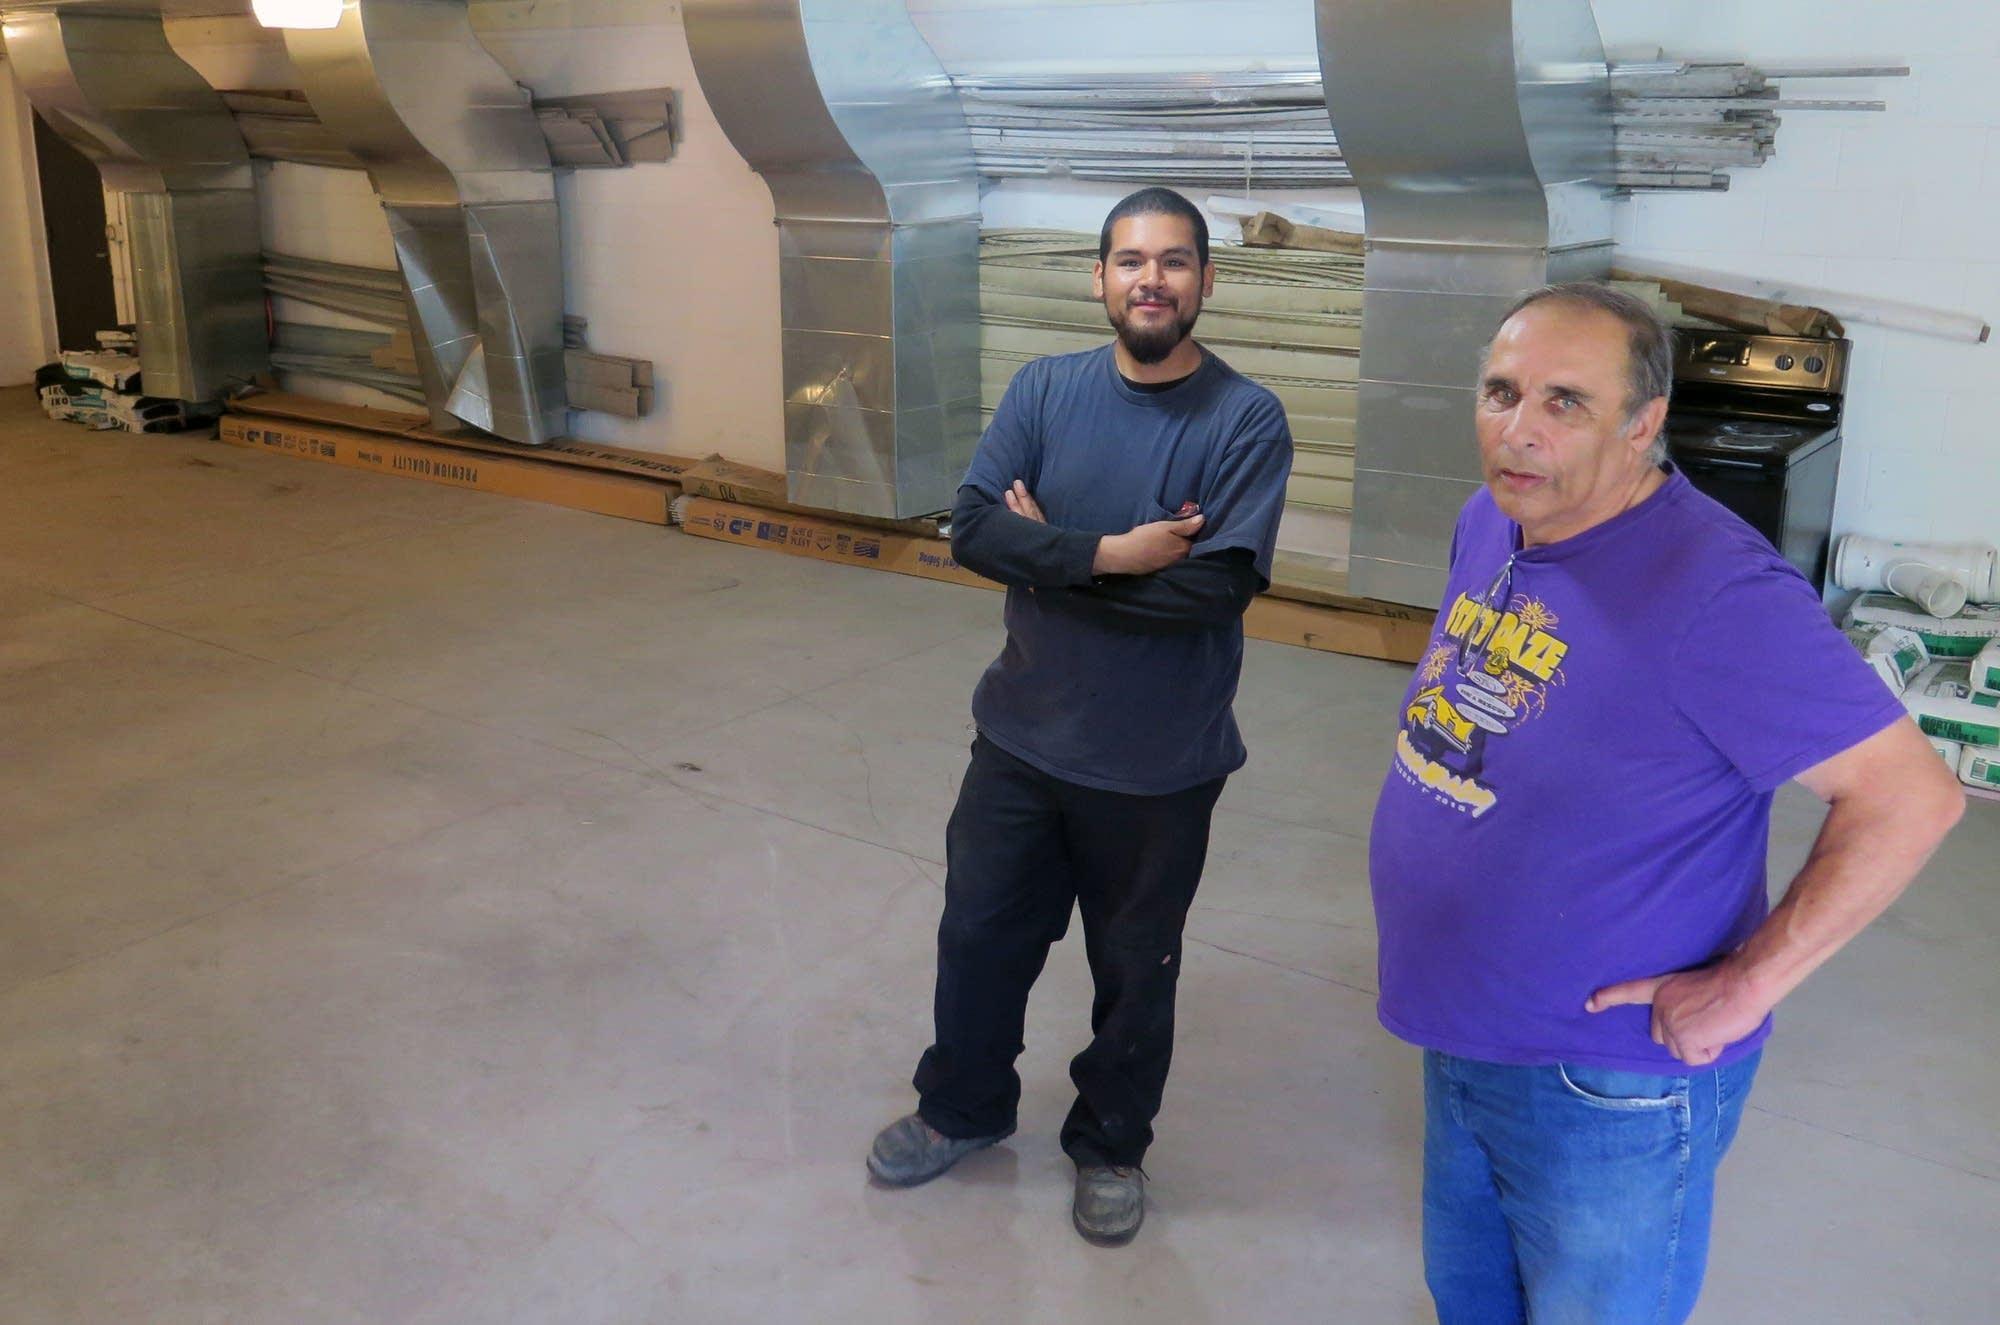 Rudy Hernandez and Tony Olivolo